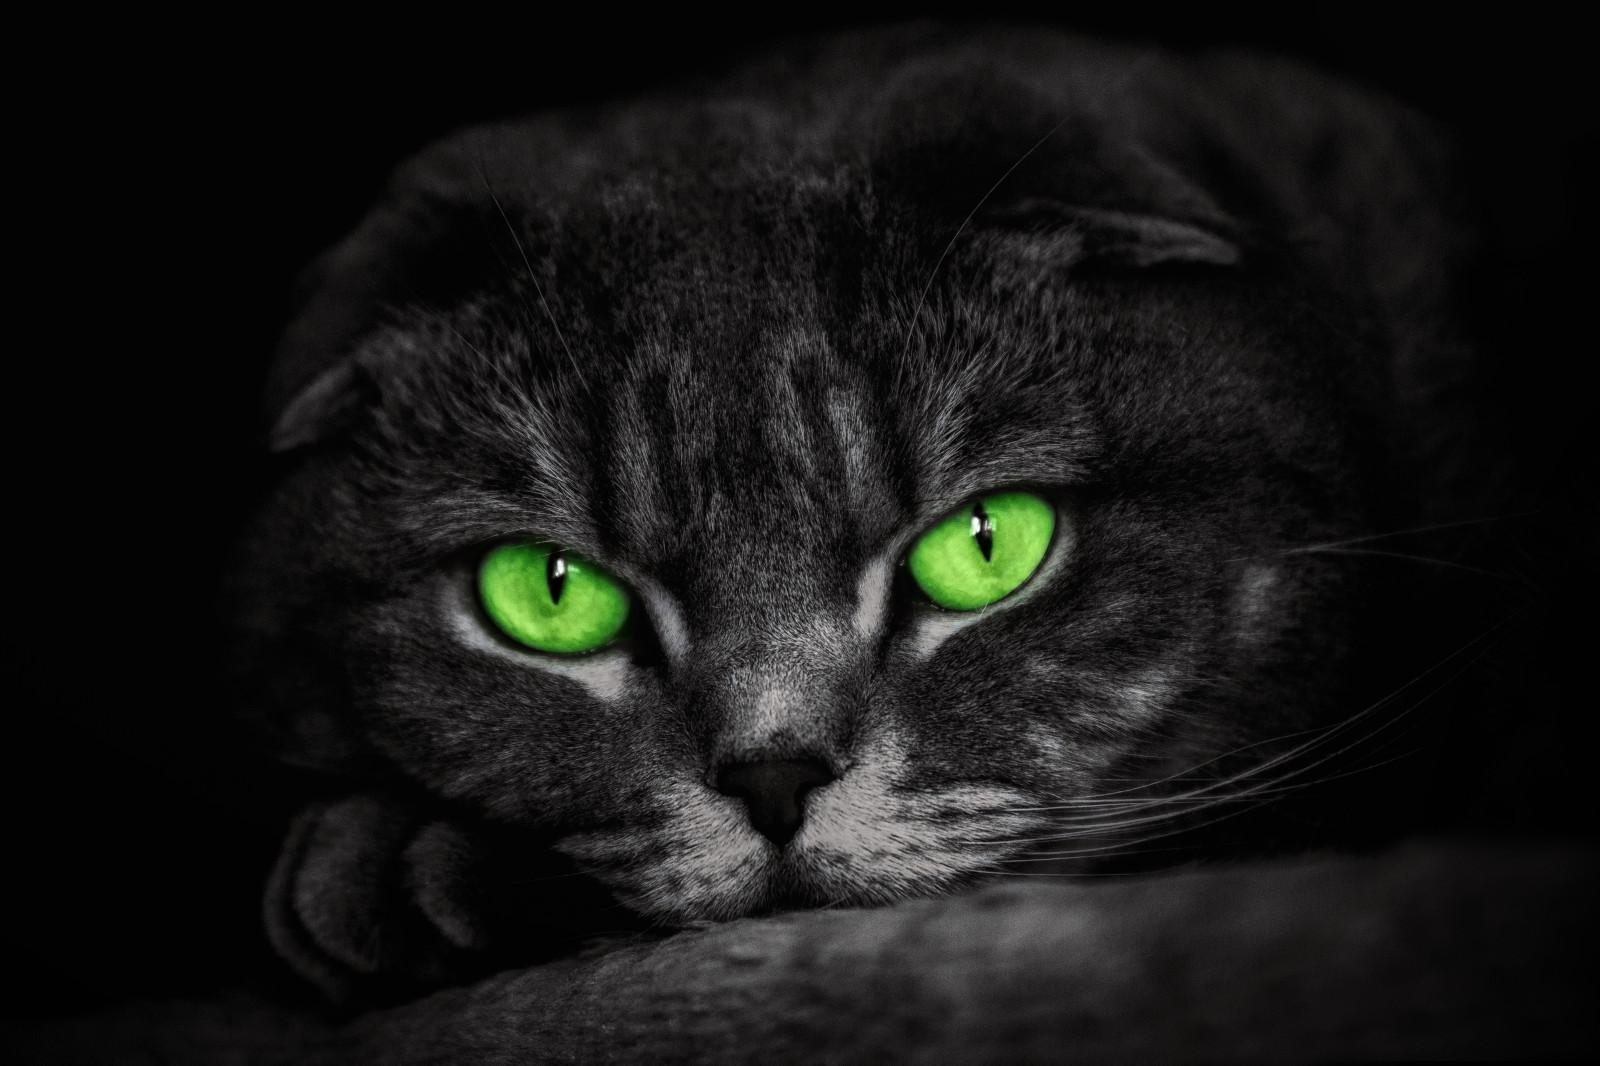 обои на рабочий стол черная кошка с зелеными глазами № 174231 бесплатно